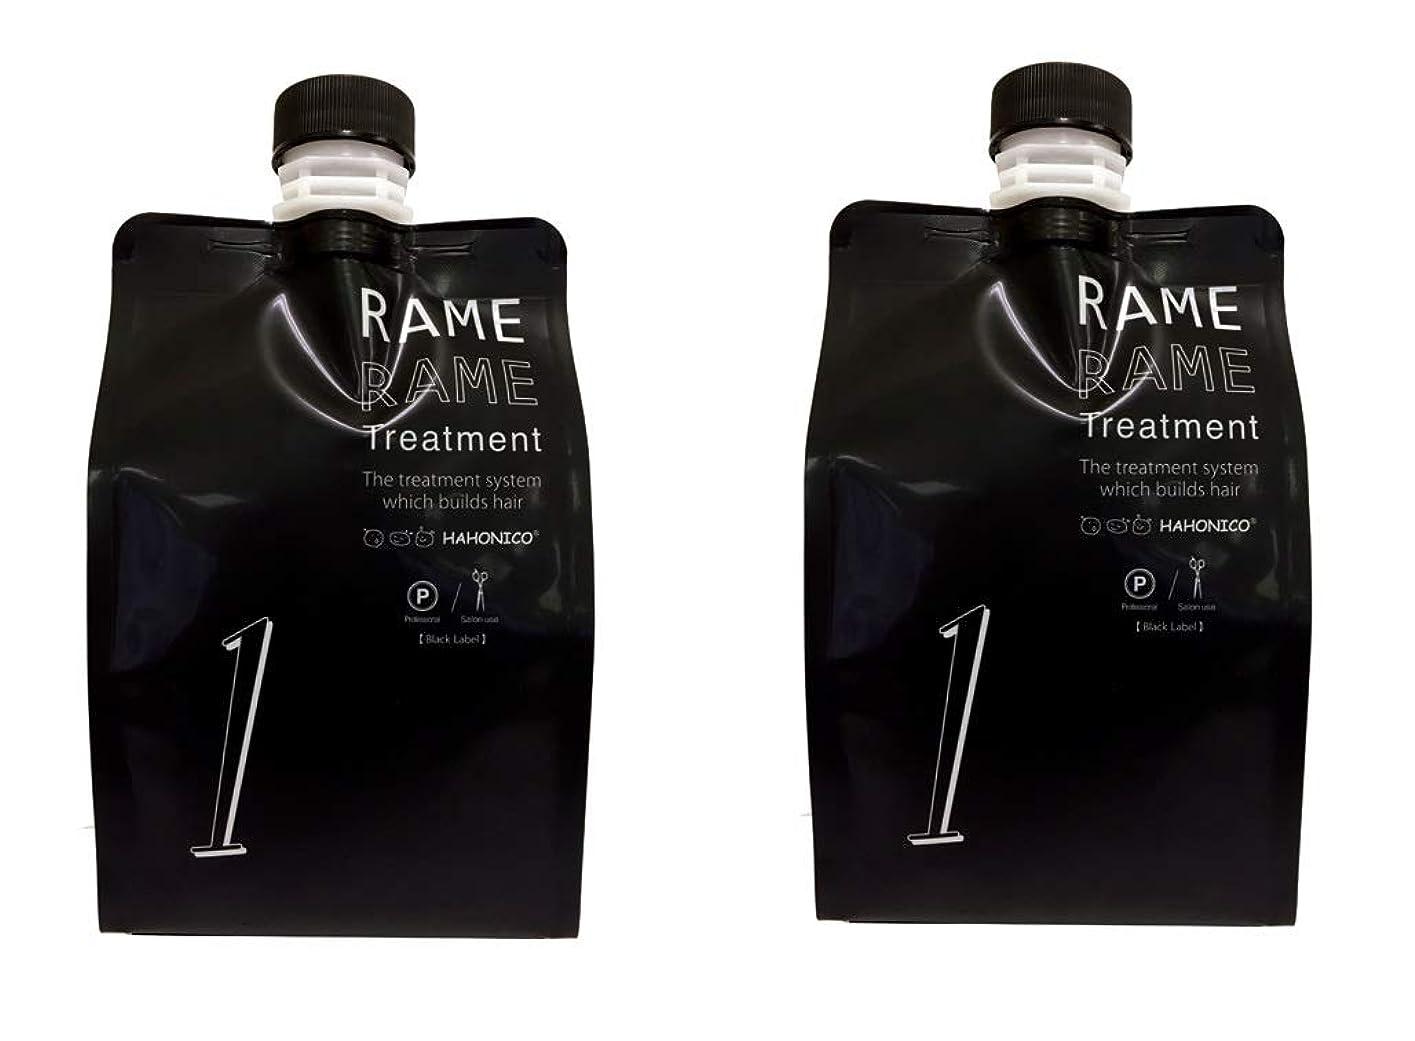 ジム安全運命的な【2個セット】 ハホニコ ザラメラメ No.1 1000g ブラックレーベル